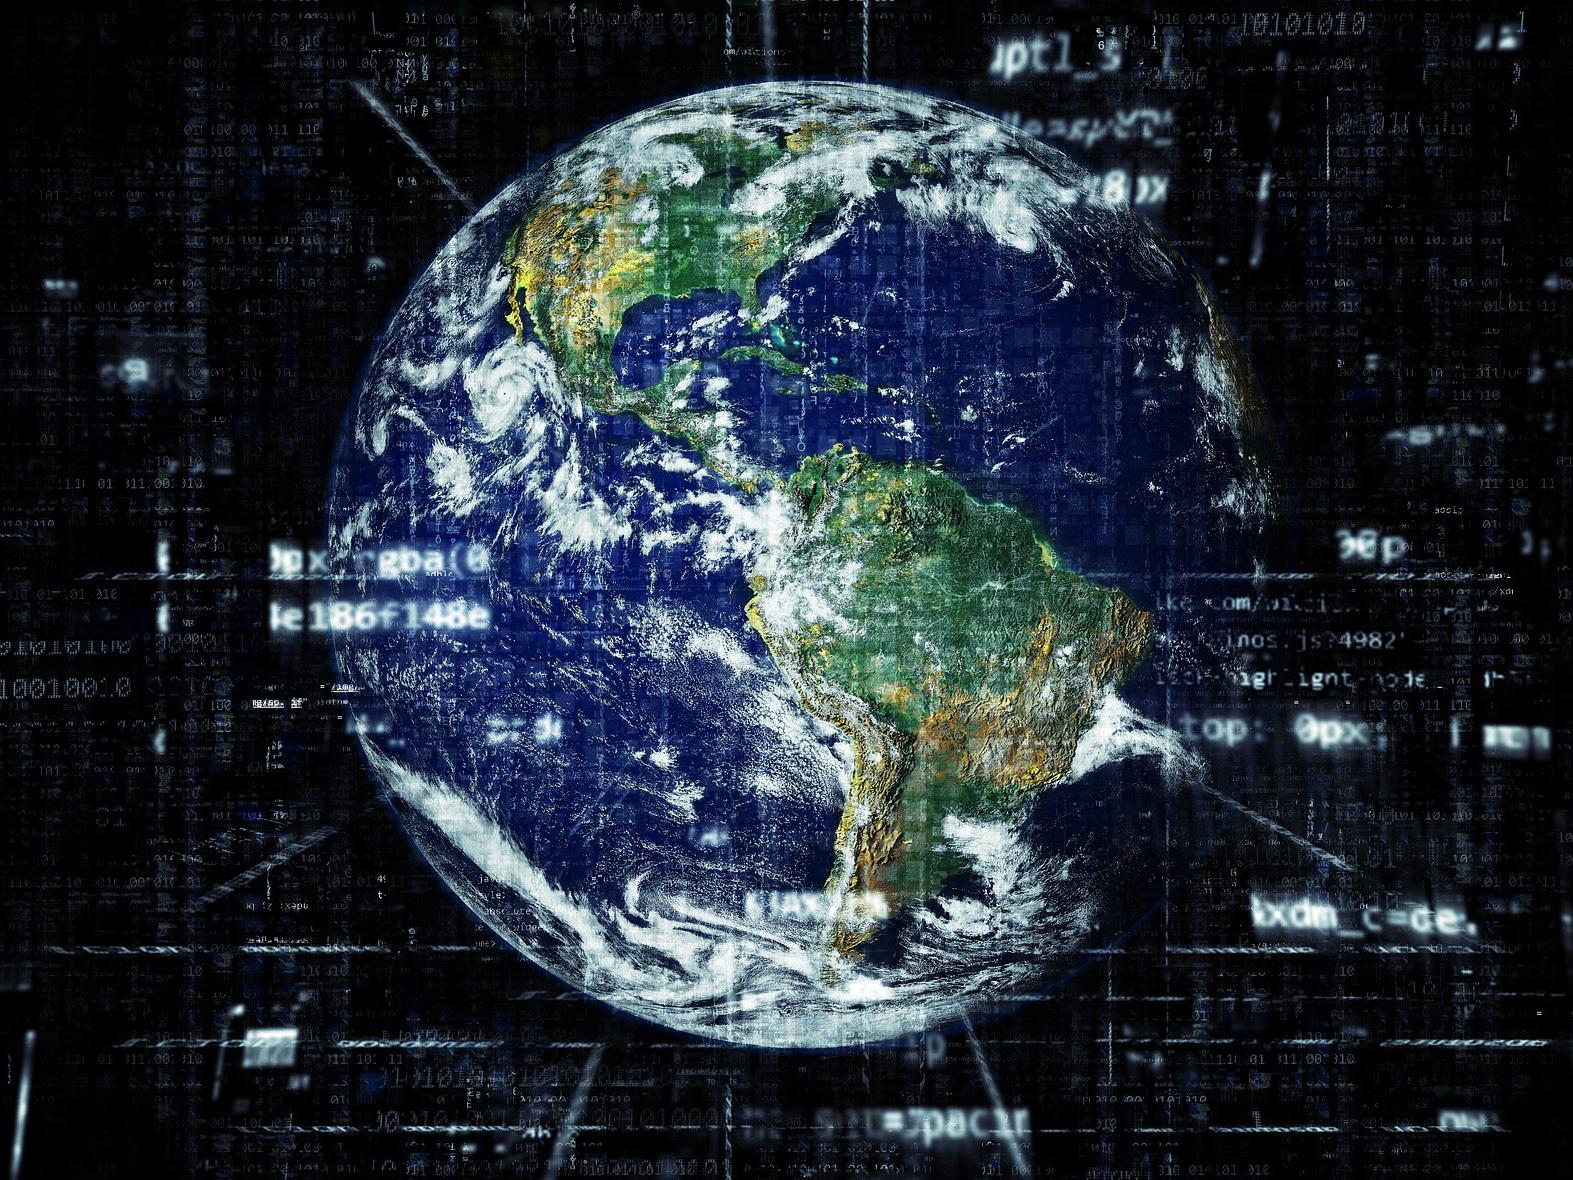 域動行銷數據論壇》革新未來趨勢,數據混血